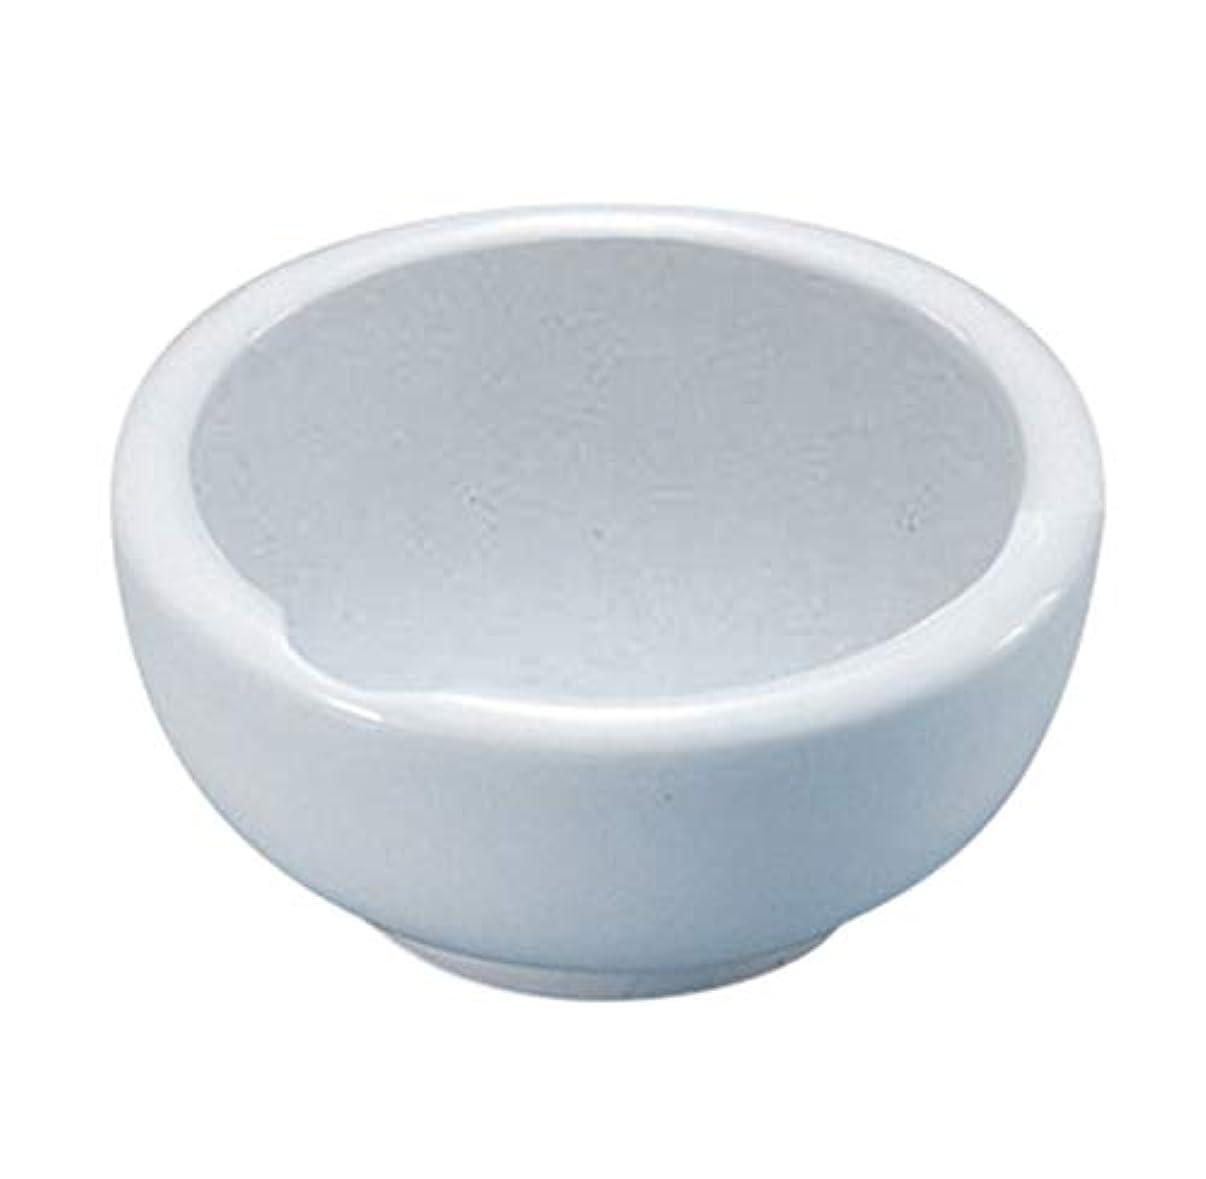 昆虫歯痛抜け目がないアズワン 磁製乳鉢